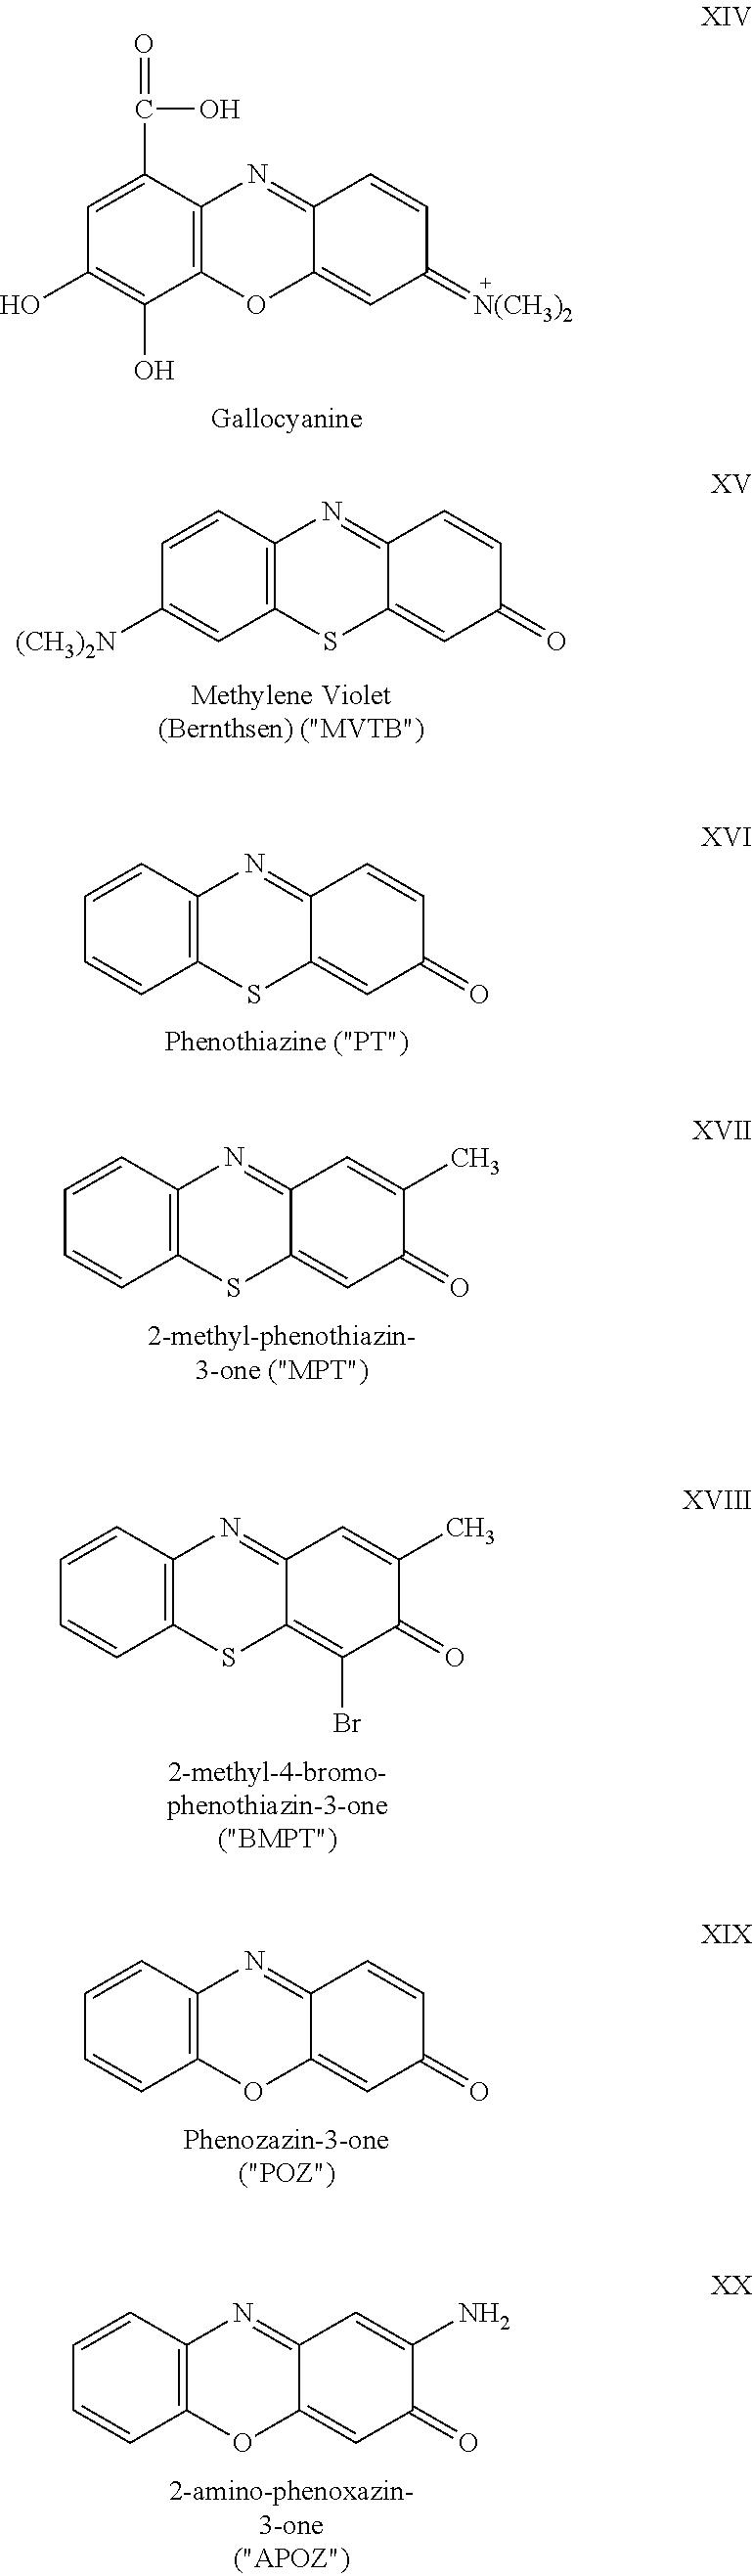 Figure US08610992-20131217-C00020